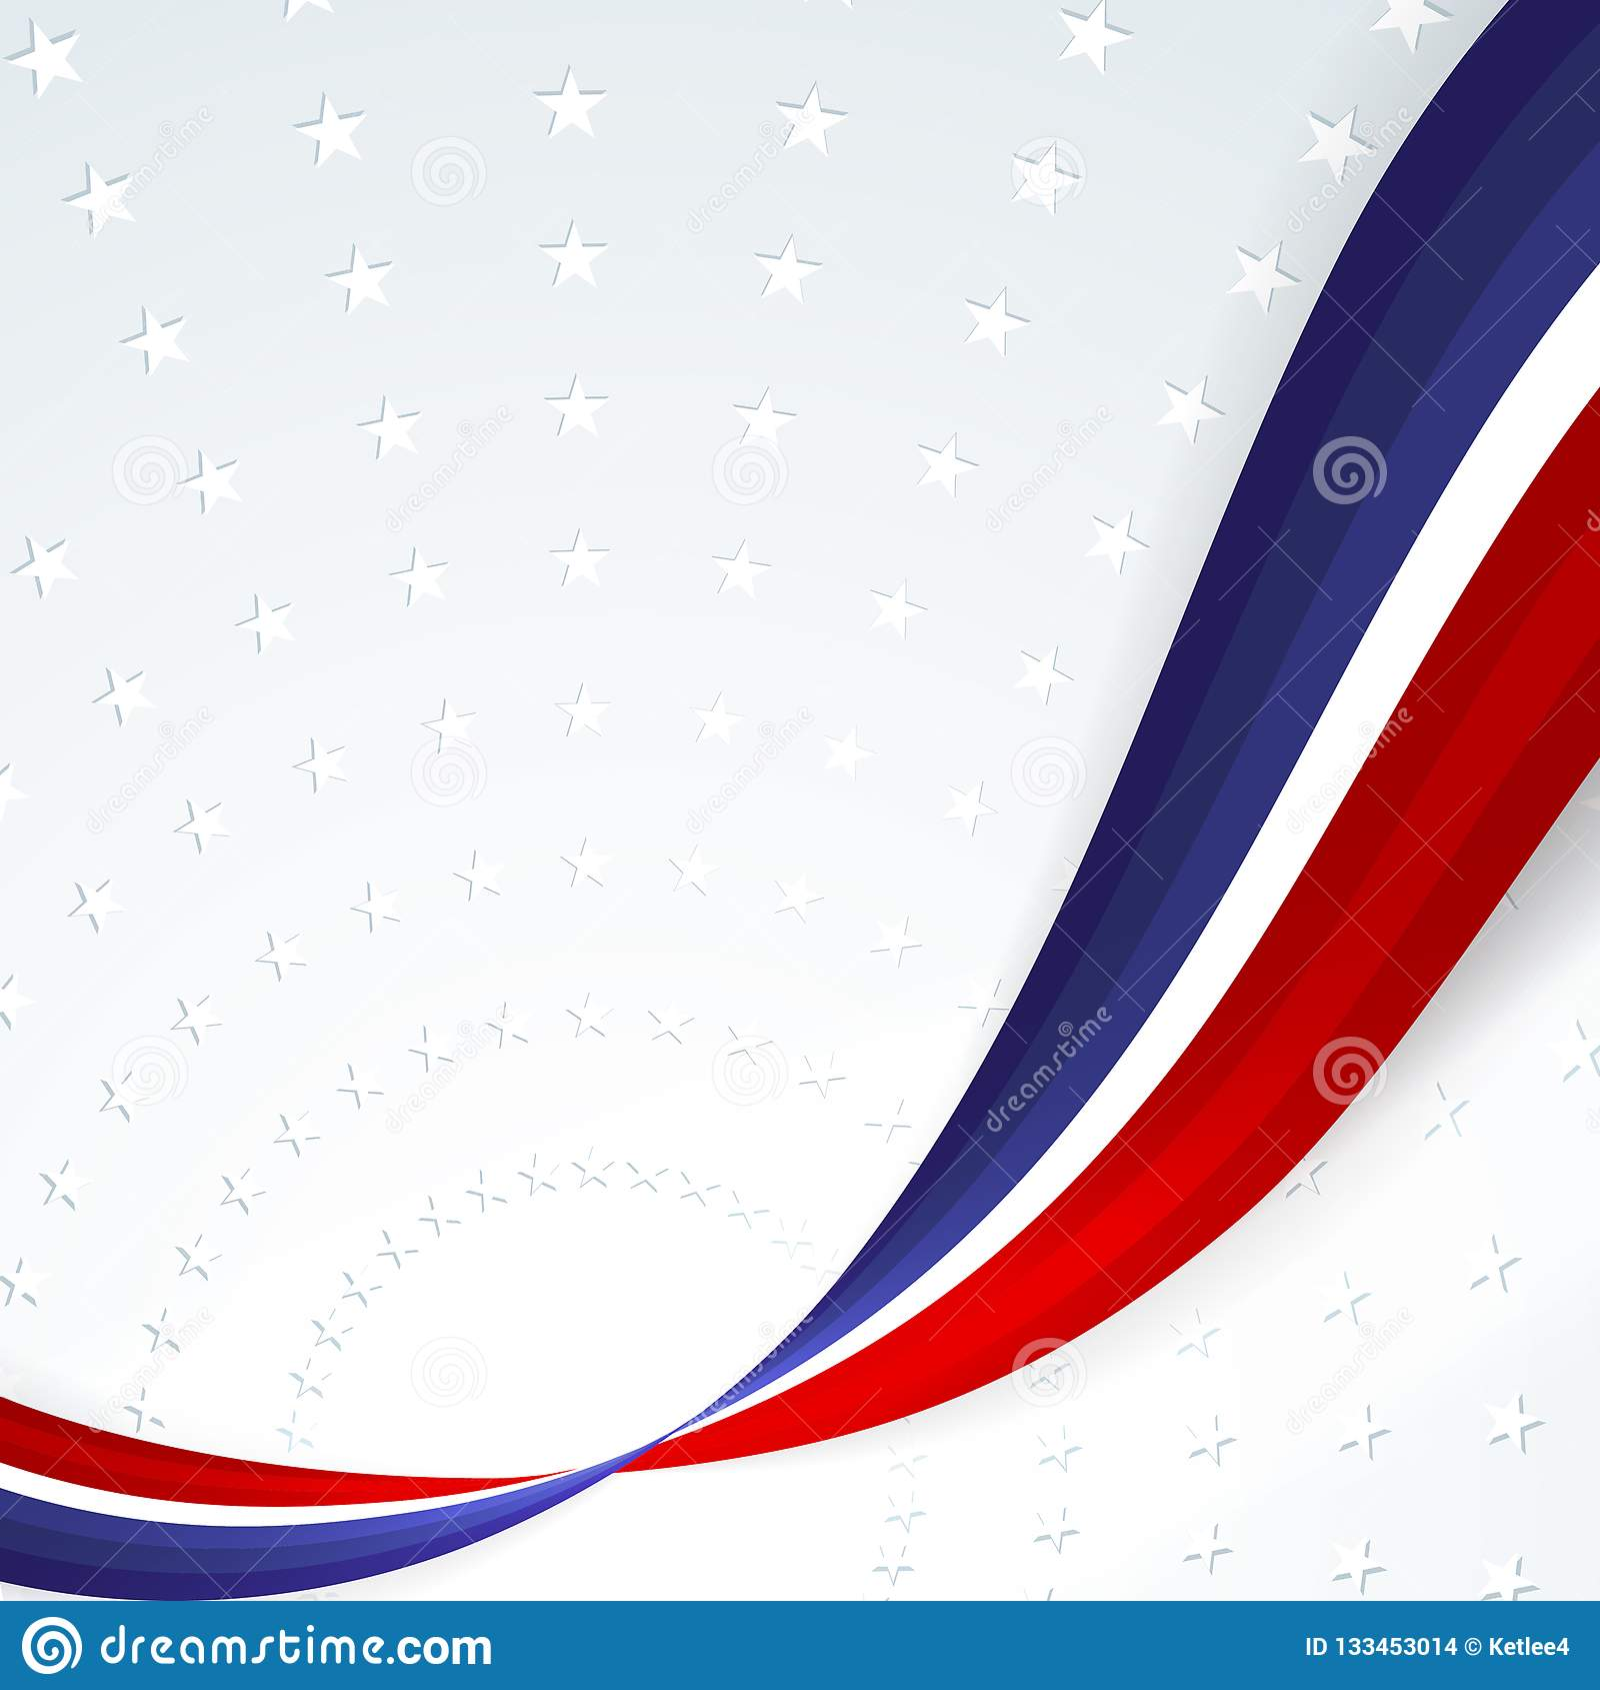 Fond patriotique de couleurs du drapeau national des lignes onduleuses abstraites douces des Etats-Unis sur le fond du modèle des